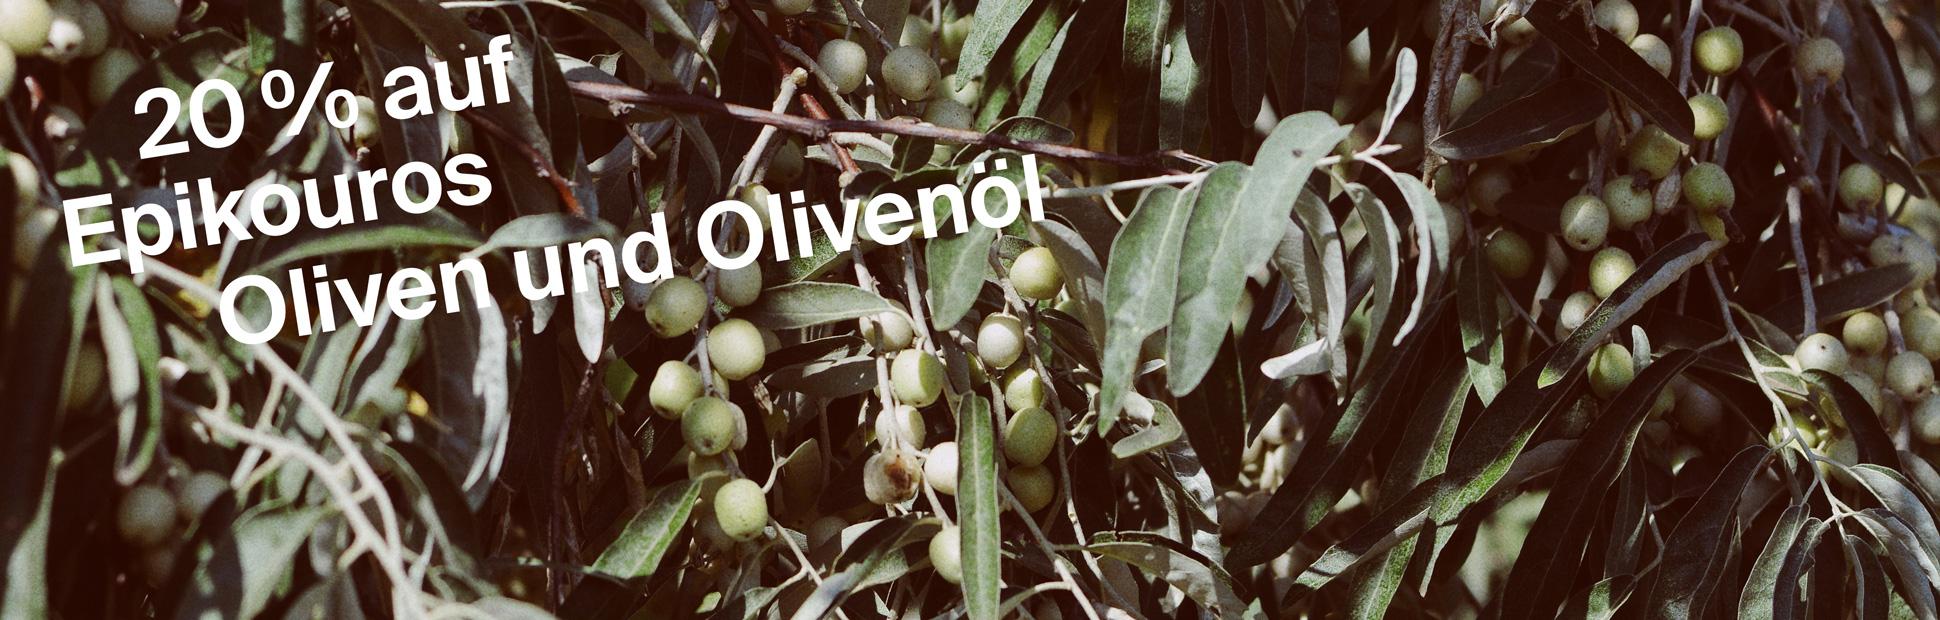 Epikouros Oliven und Olivenöl